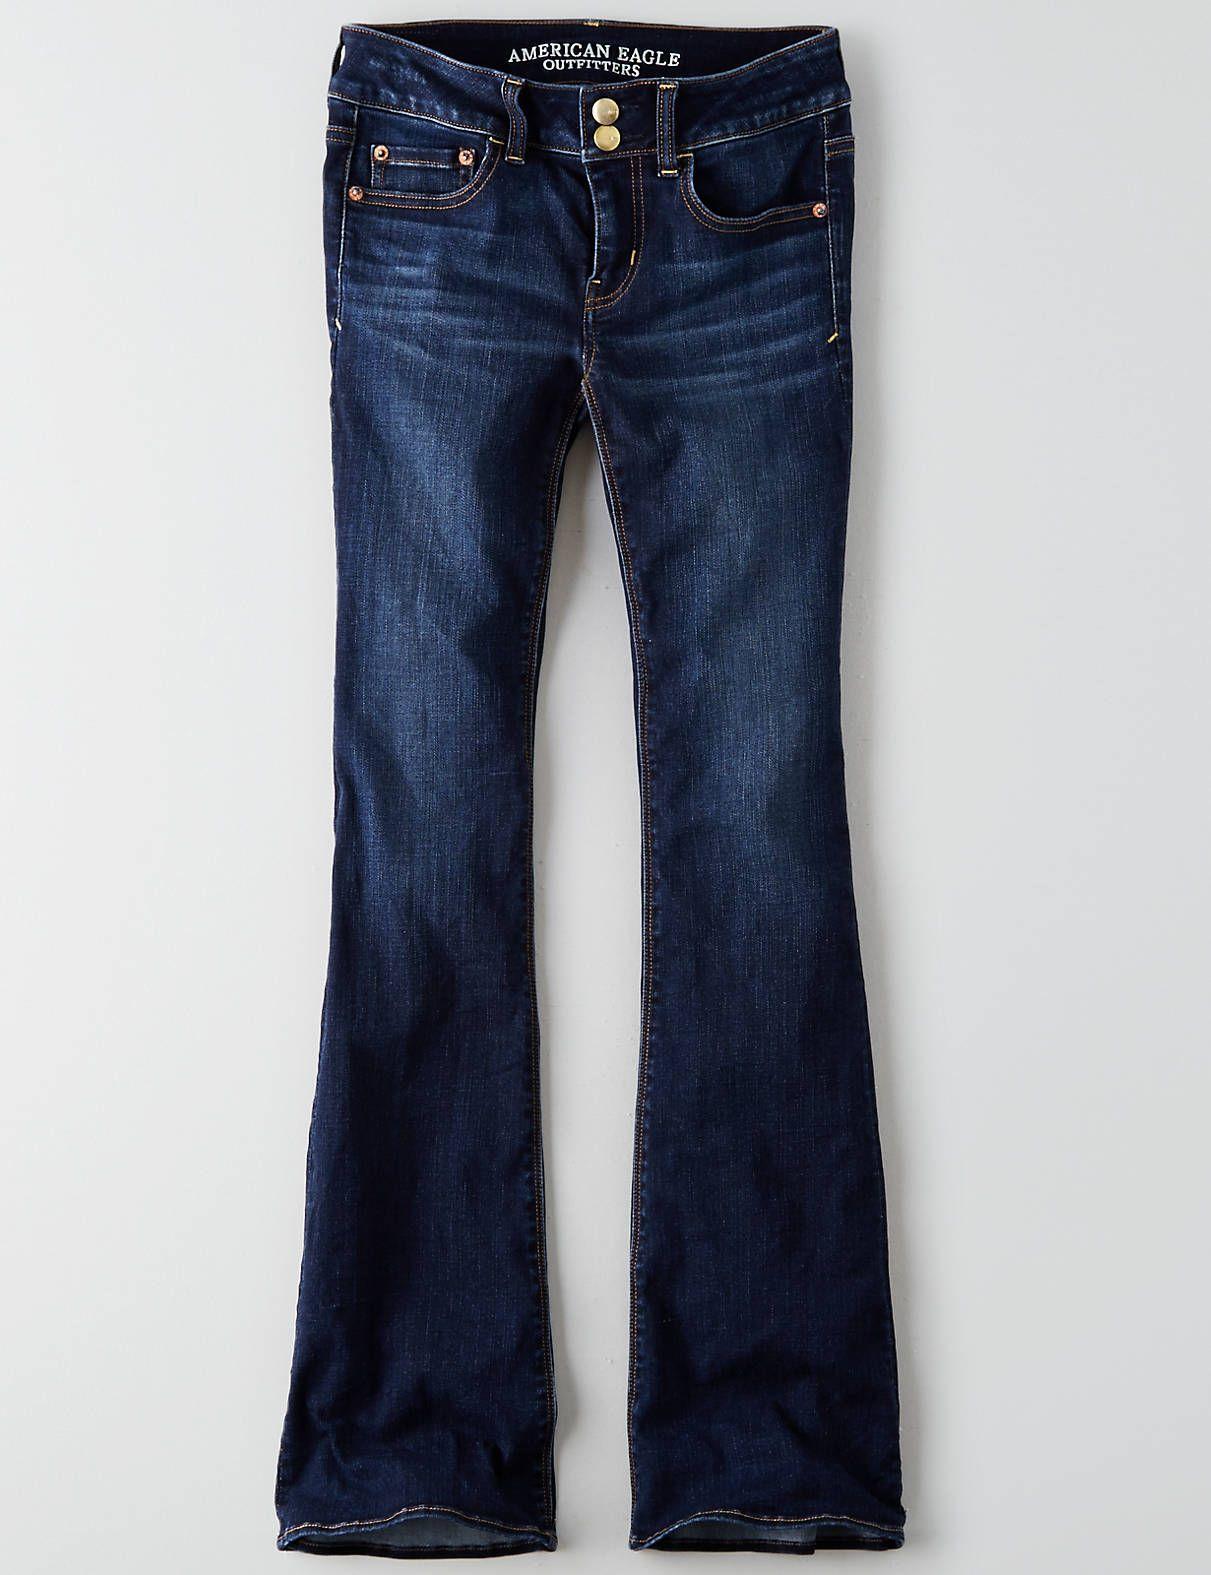 American Outfitters Pantalon droit Acheter En Ligne Pas Cher Excellent Prix Pas Cher Toutes Les Saisons Disponibles Vente Pas Cher À La Mode 7z88Jo